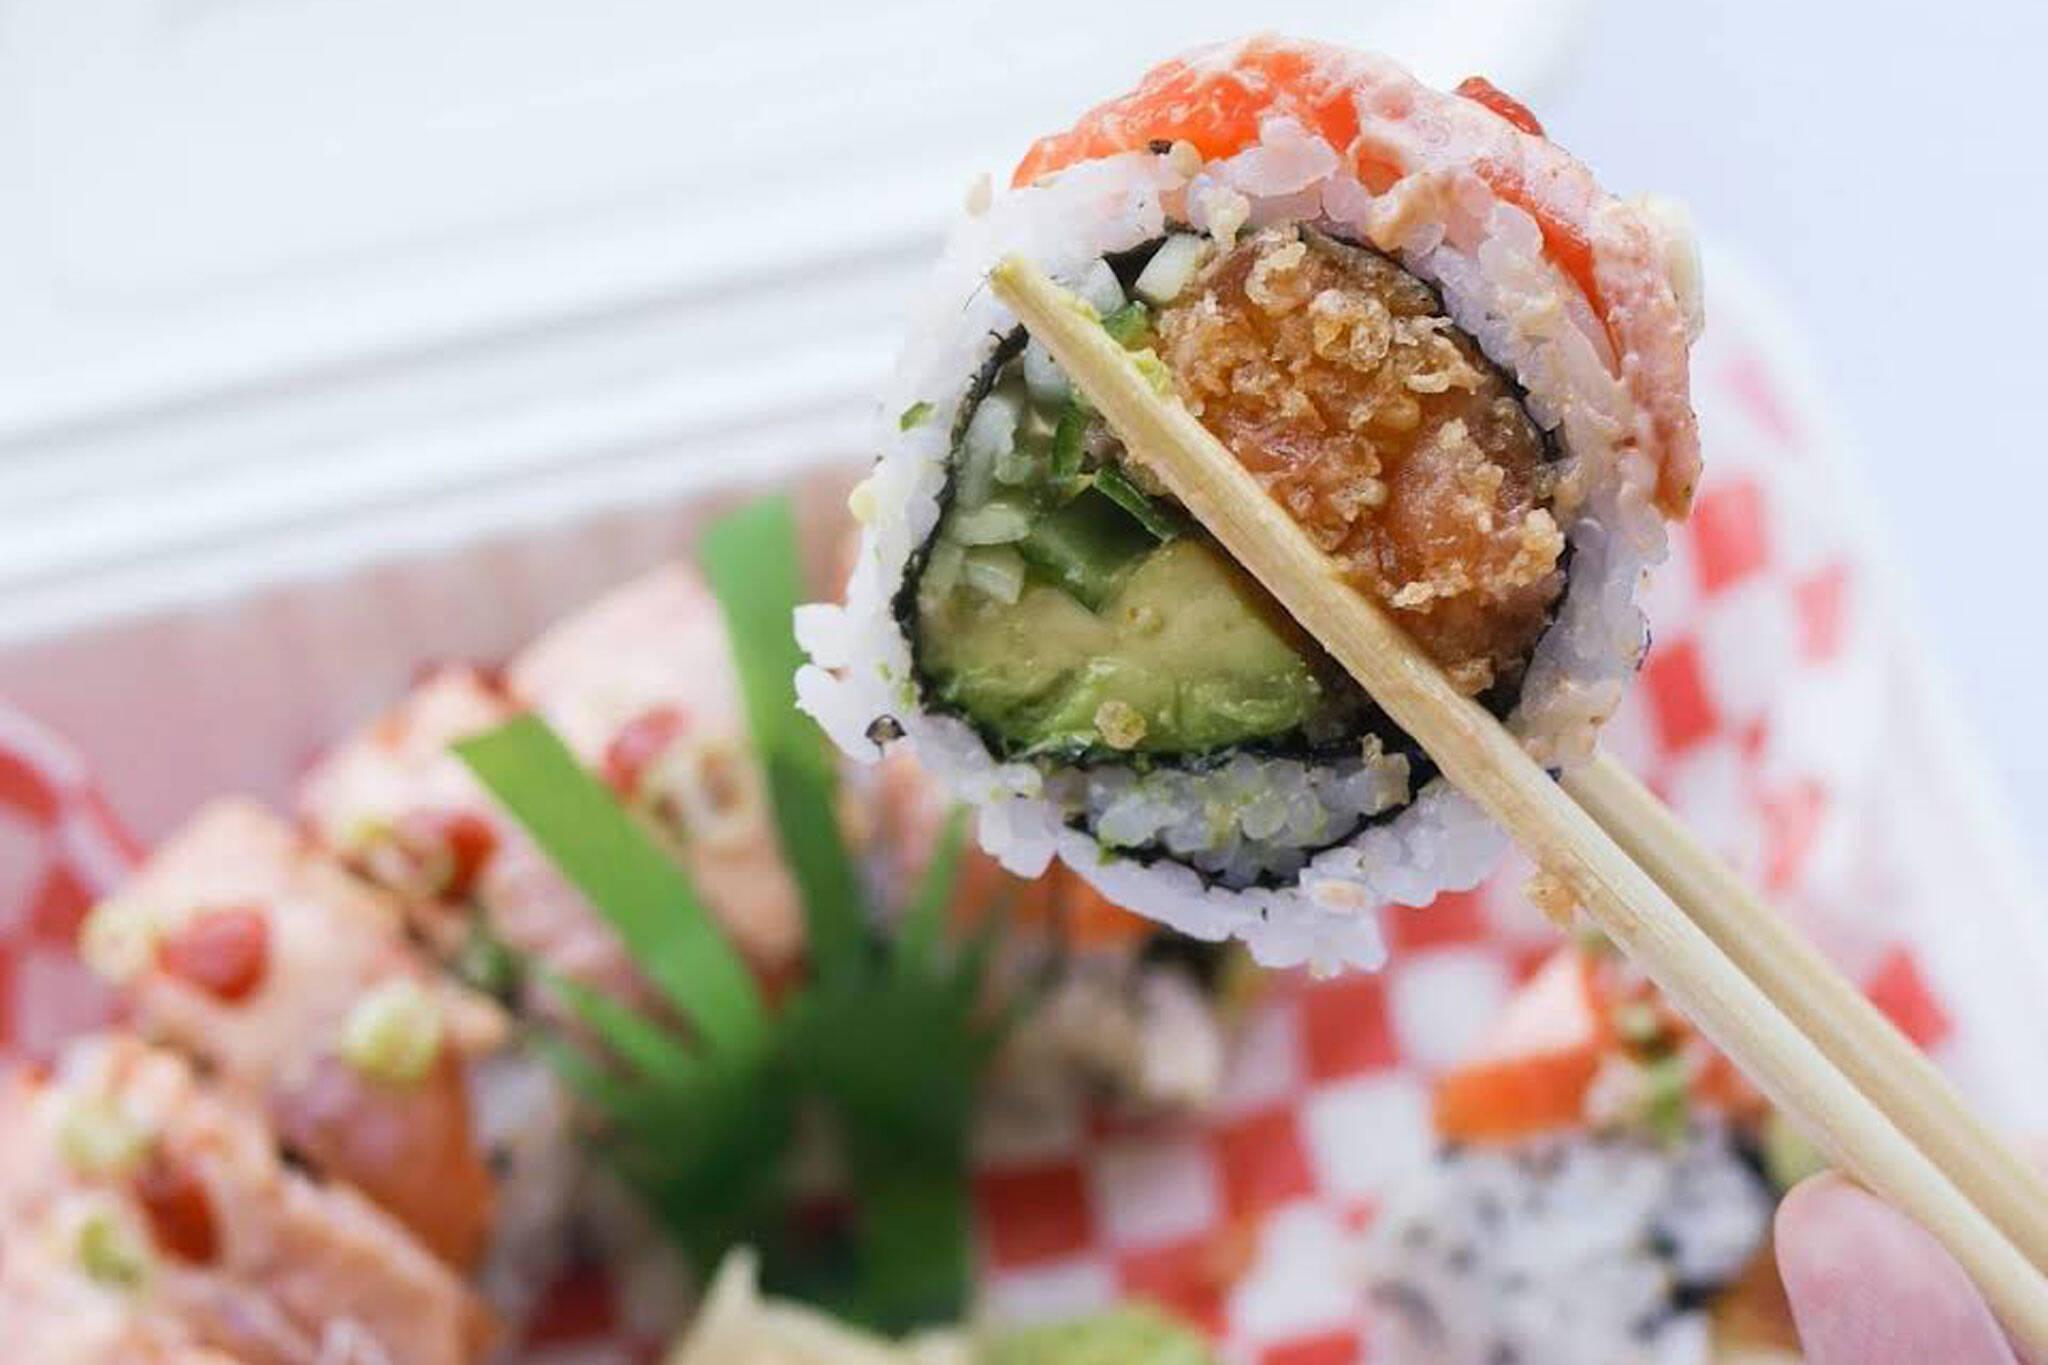 tatsu sushi toronto